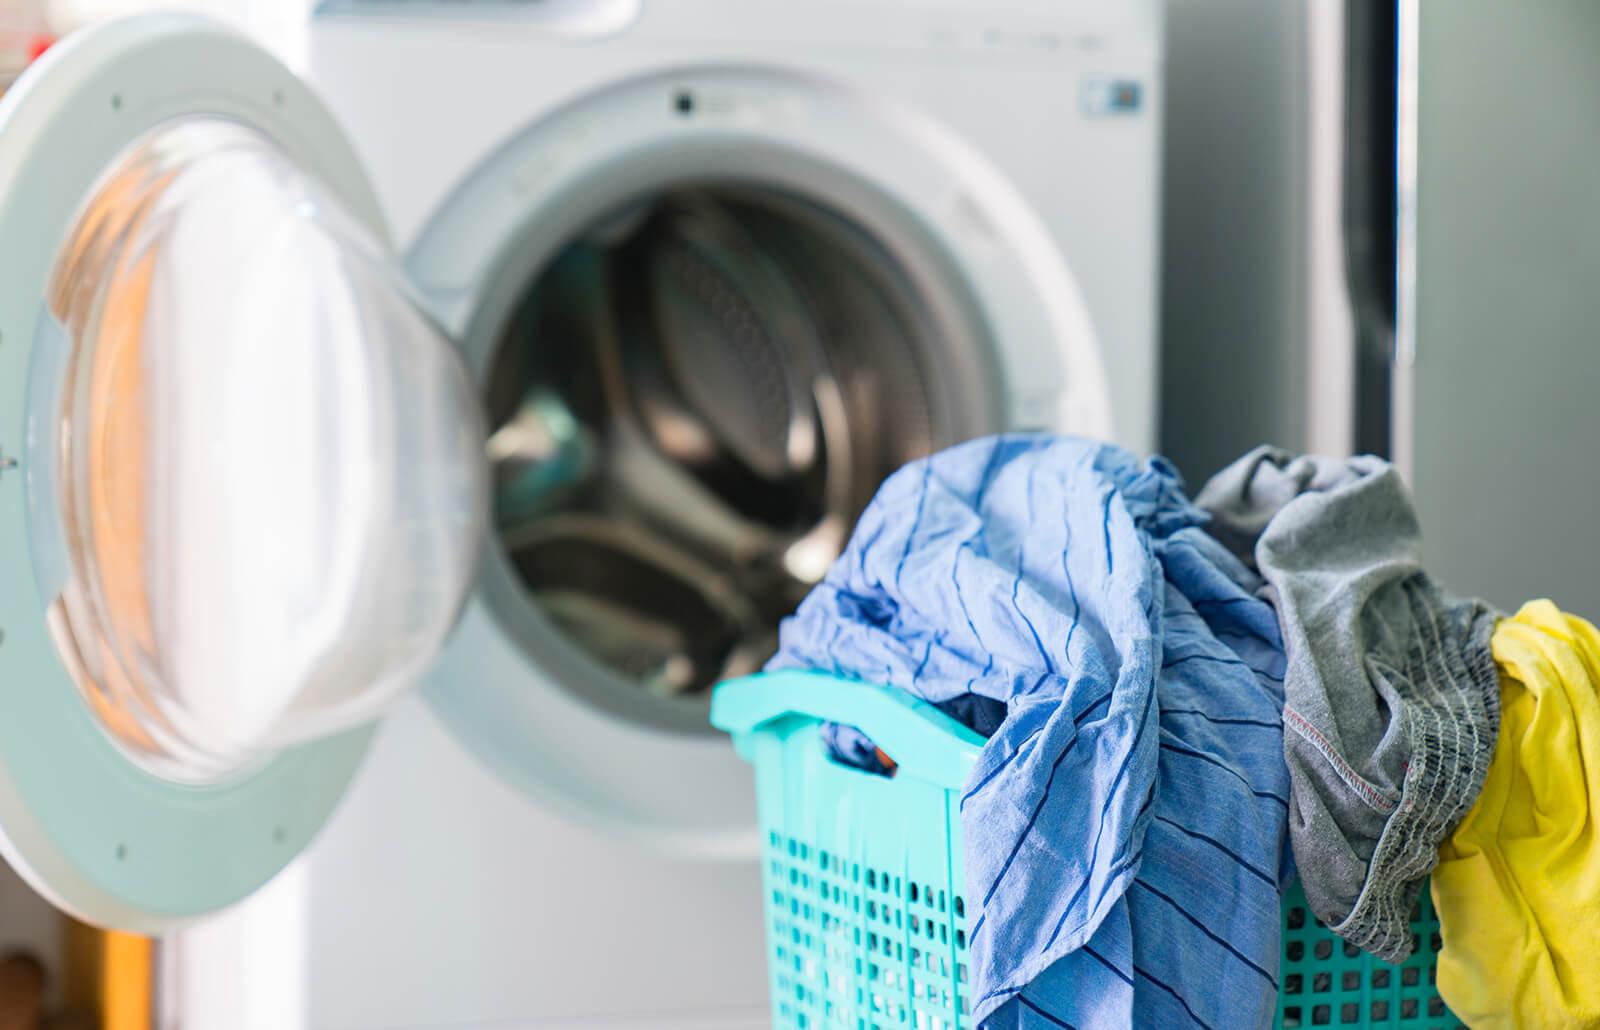 Automated Laundry Racks